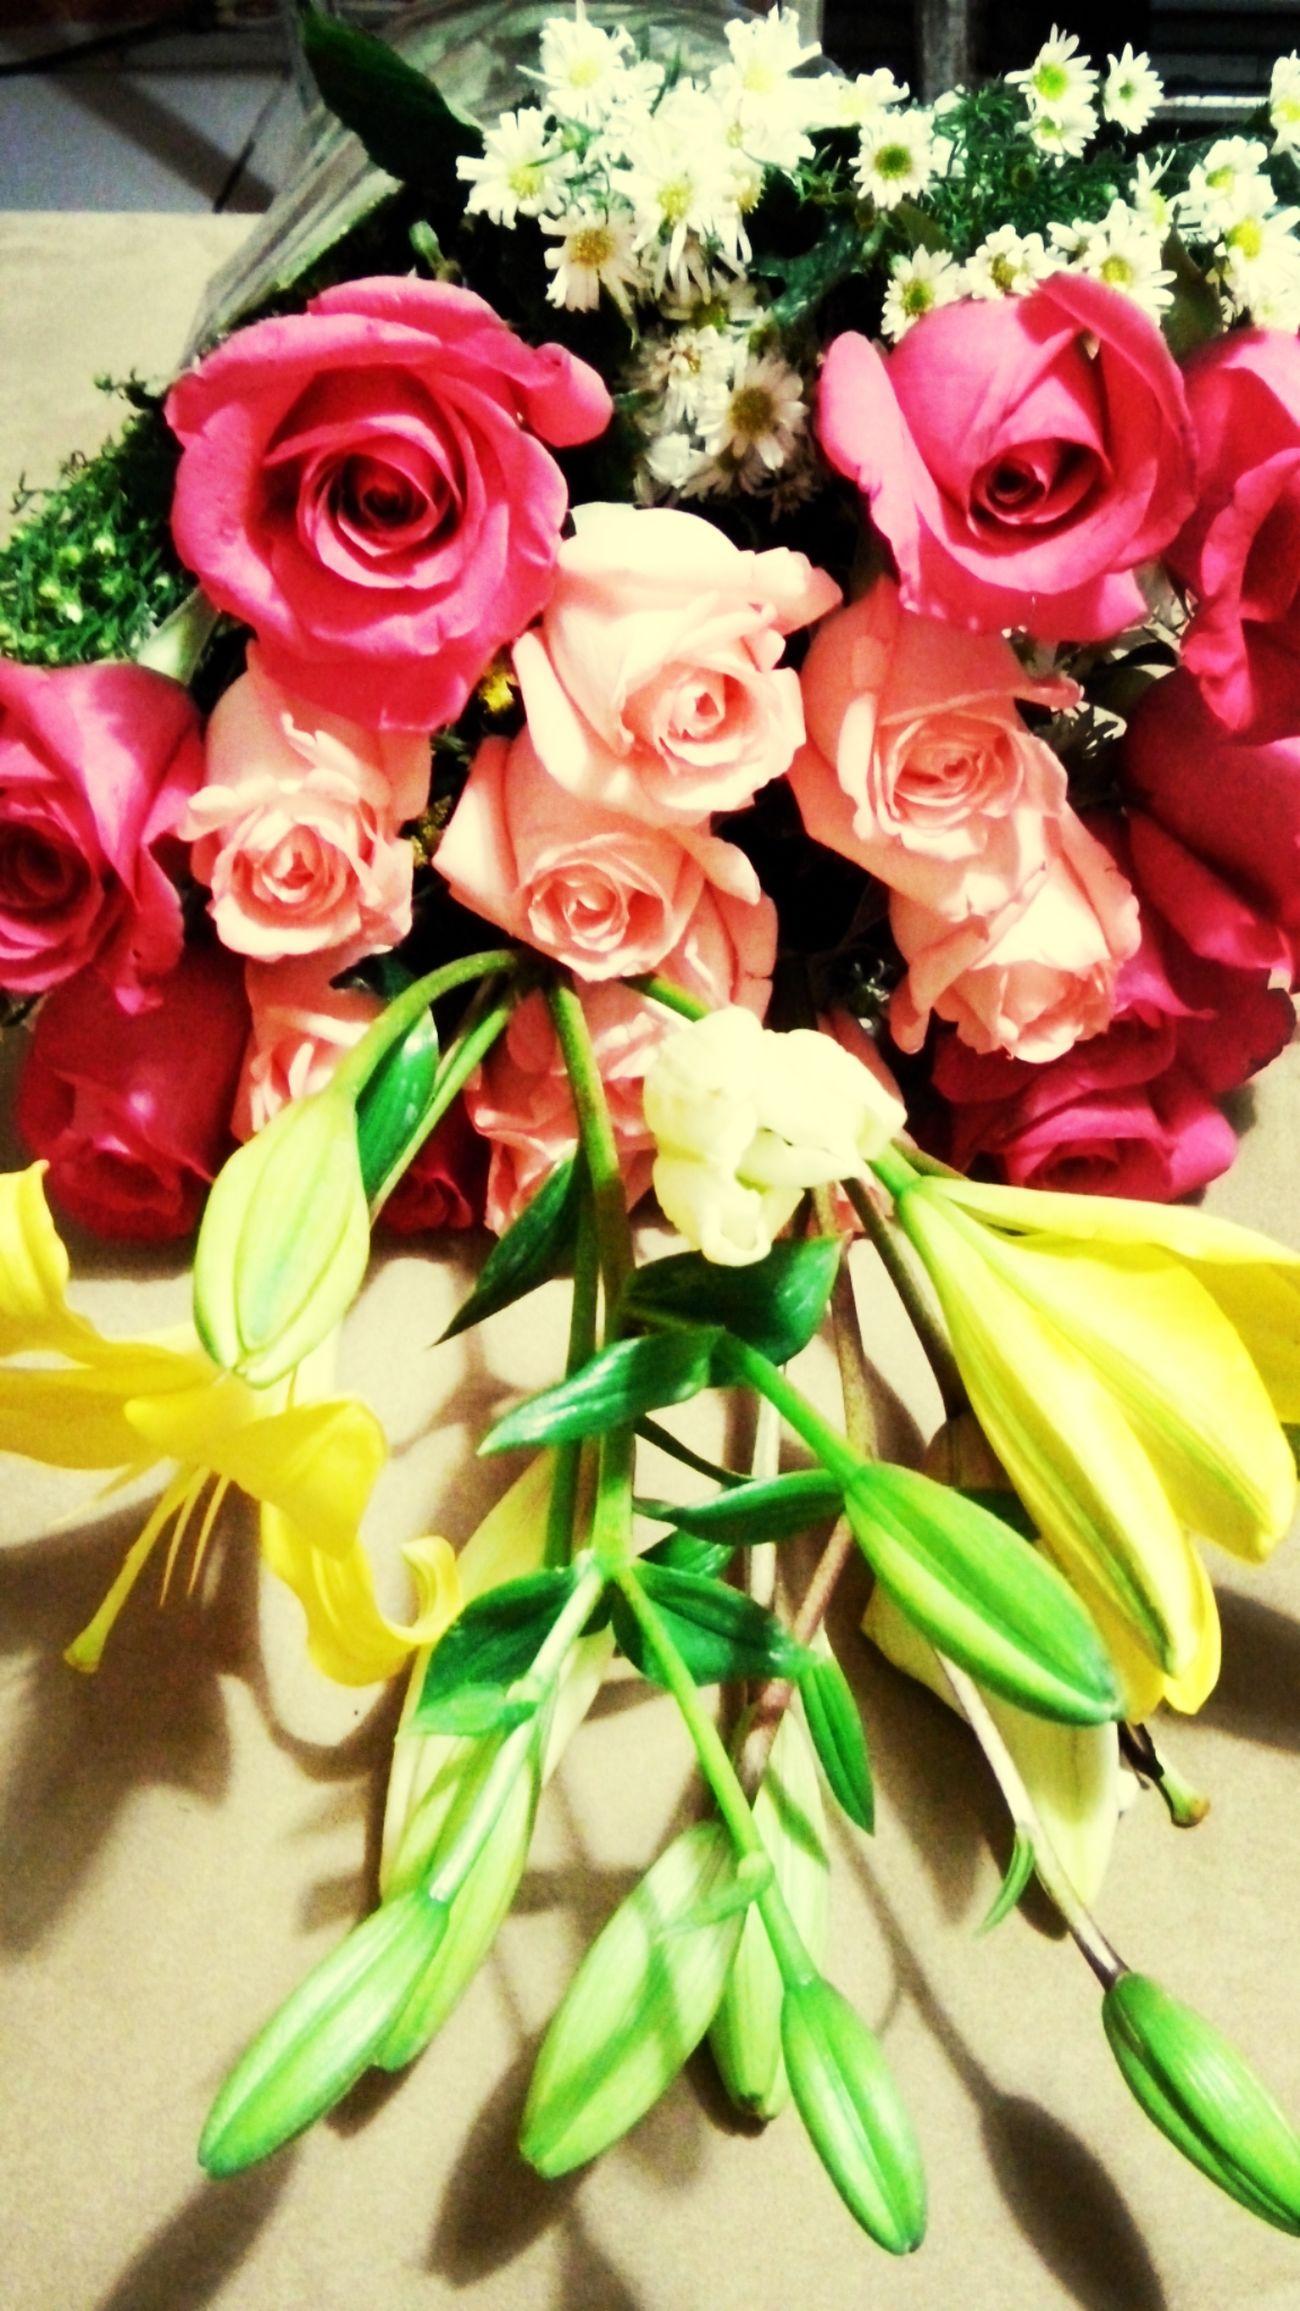 Eres maravilloso! Teamo♥ Santi Florecitas Hermosas